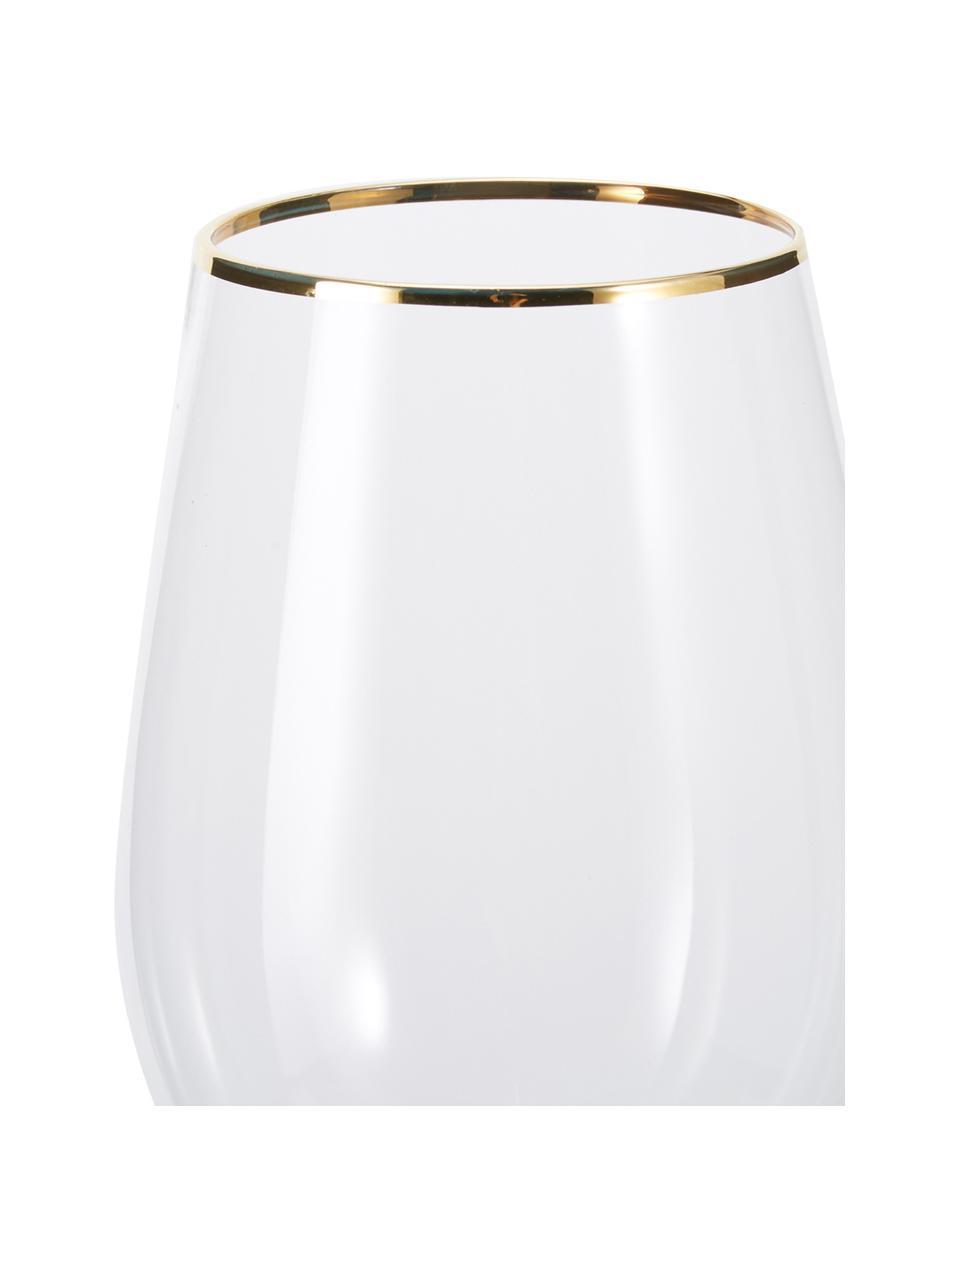 Wijnglazen Chloe in transparant met Goldrand, 4er-set, Glas, Transparant, Ø 9 x H 26 cm